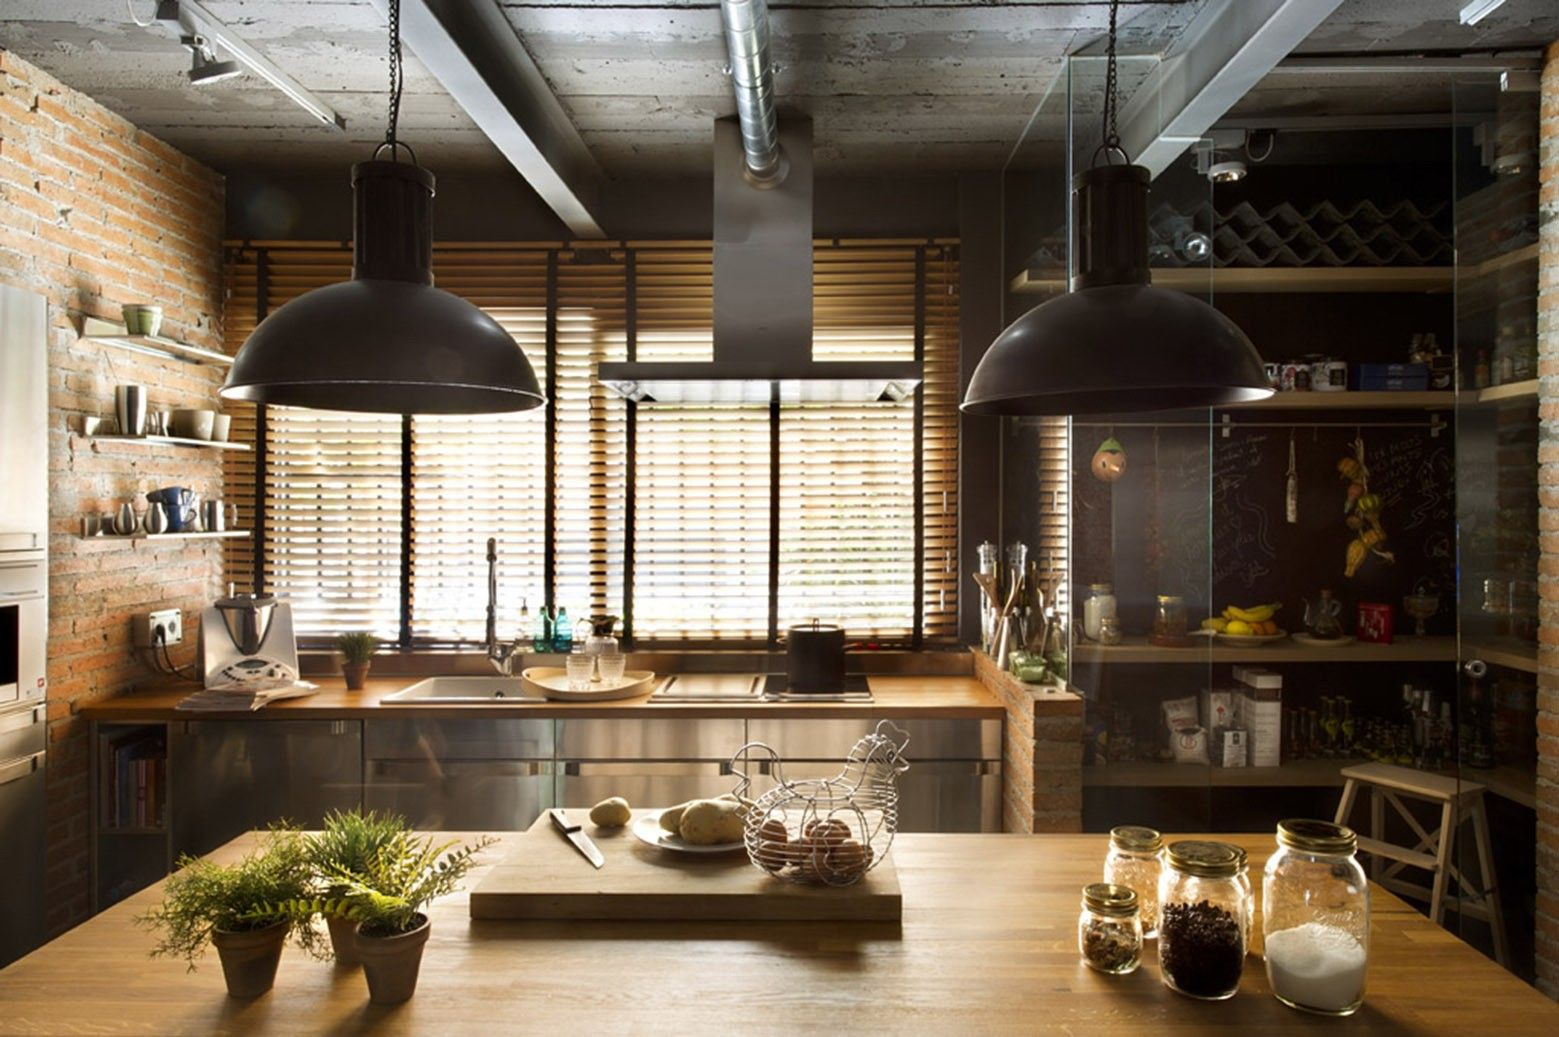 подвесные светильники в интерьере кухни лофт